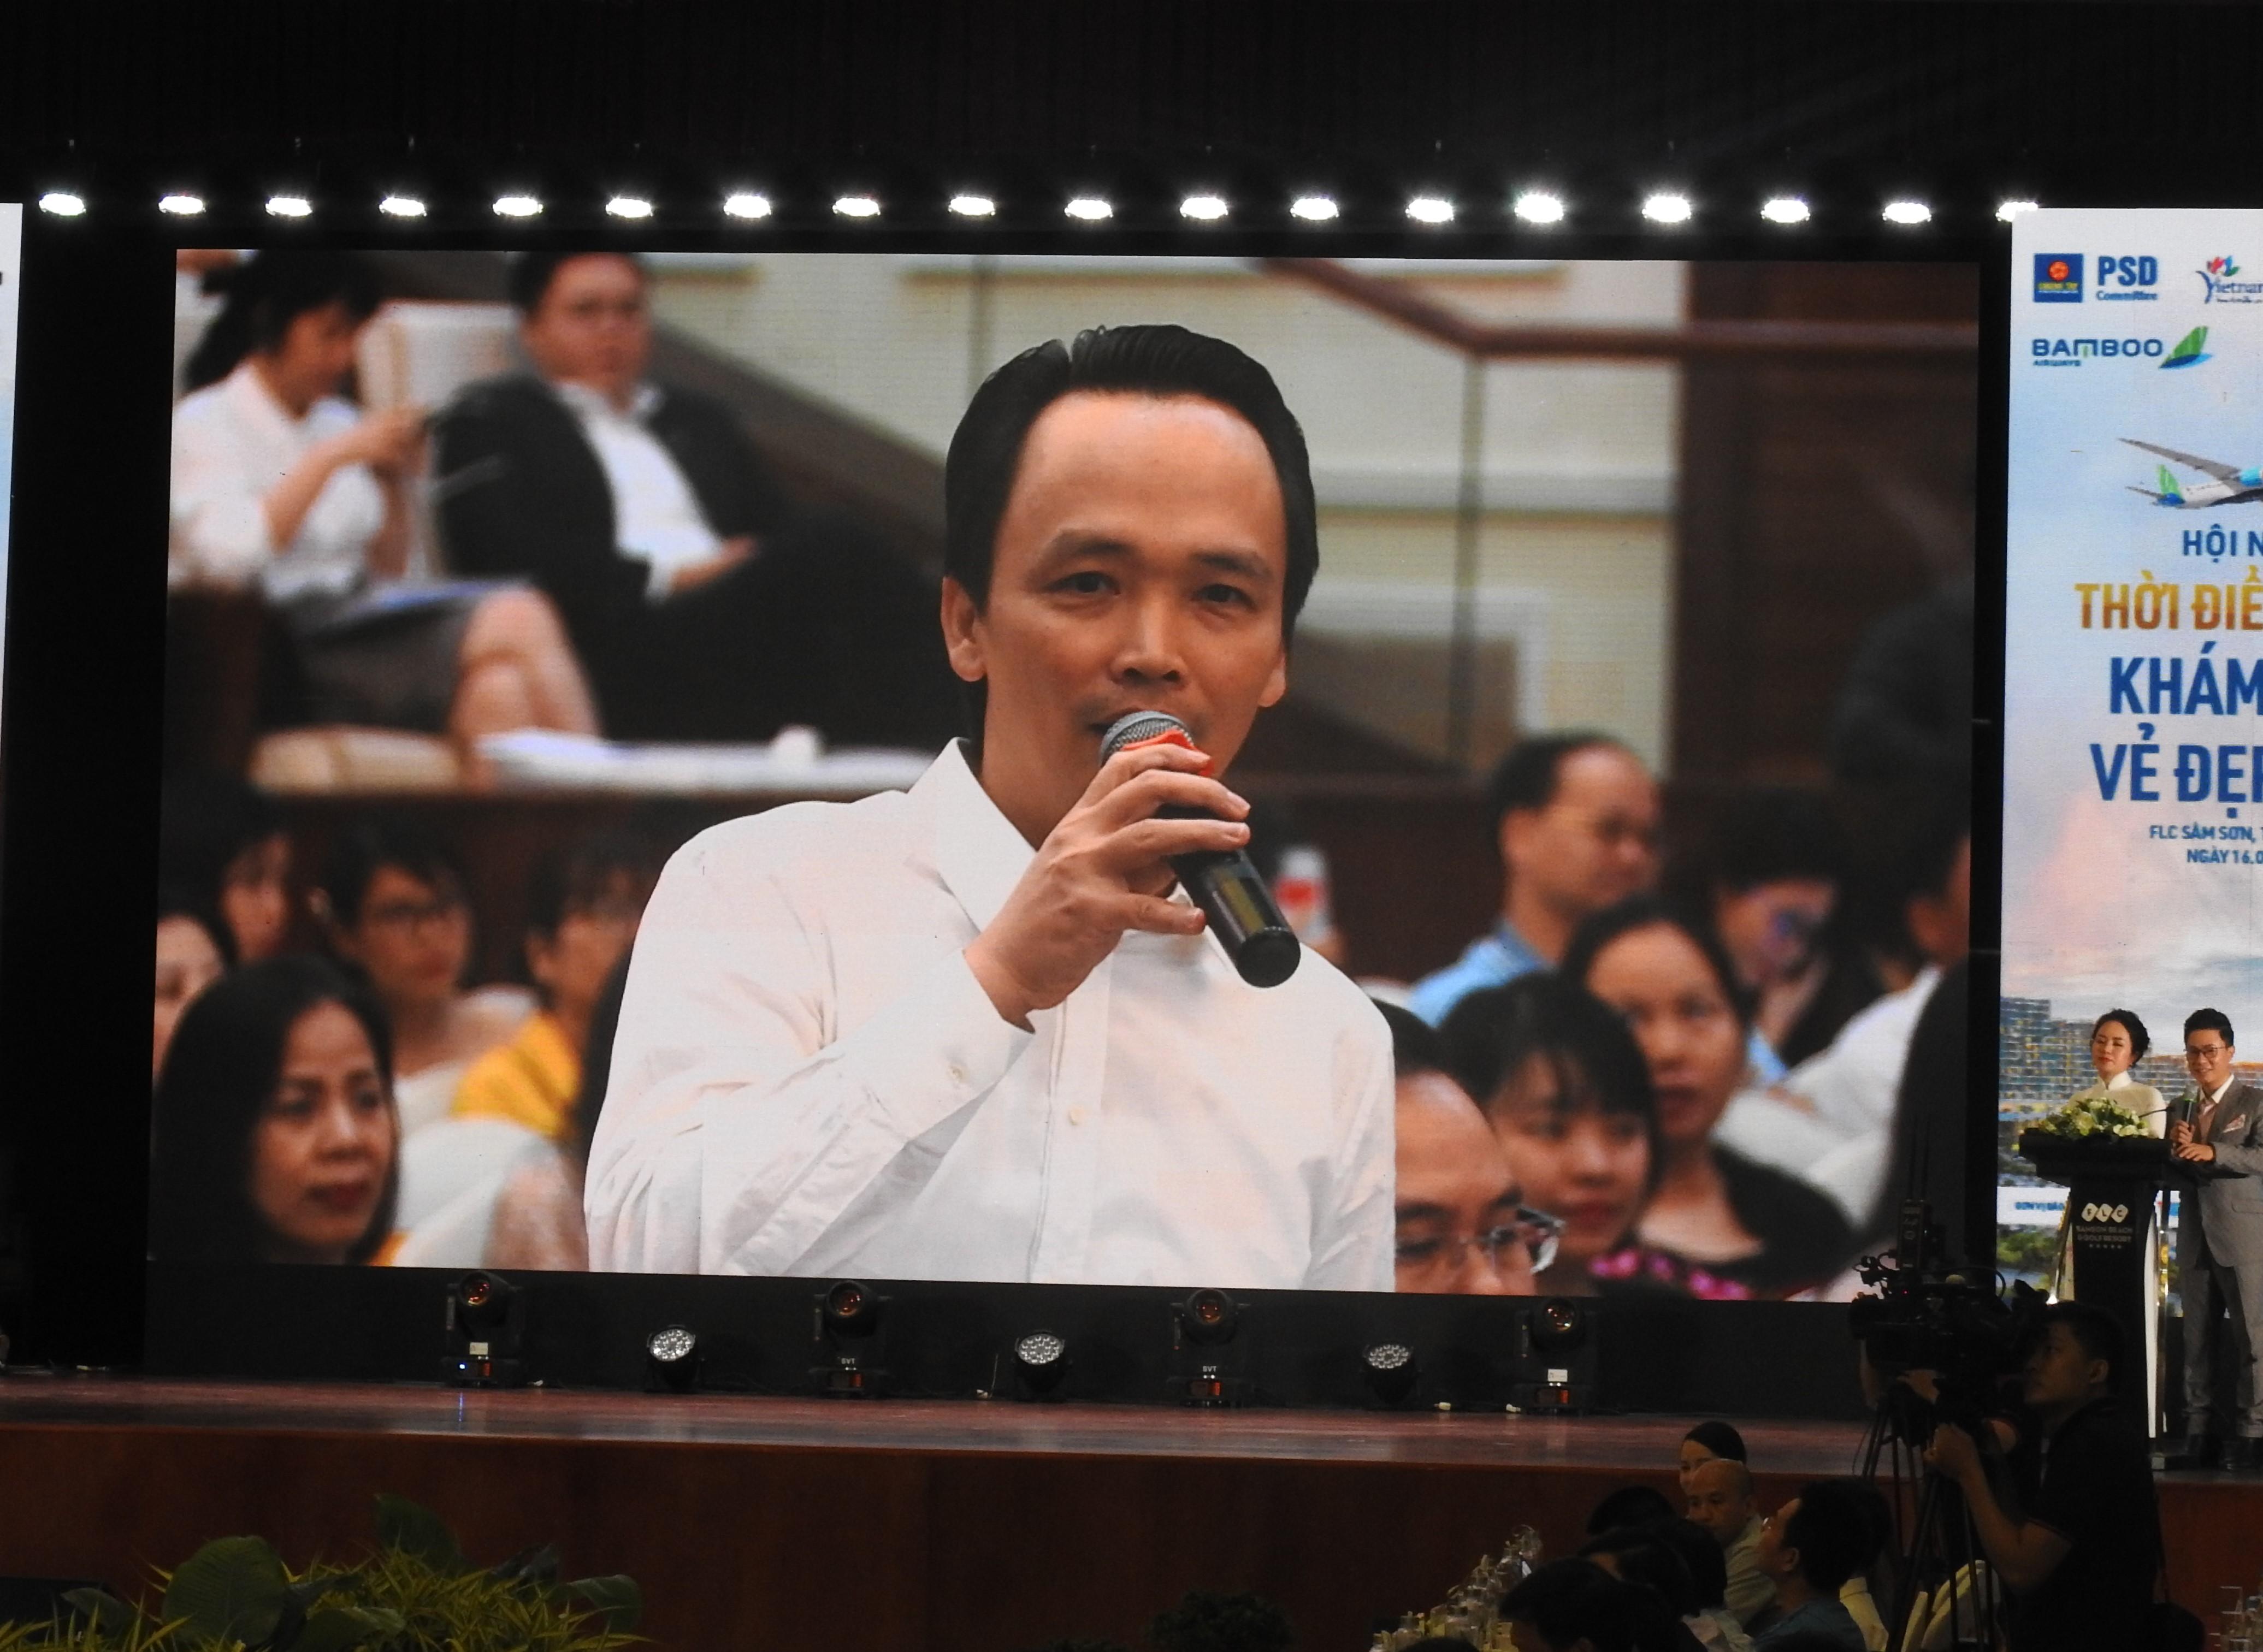 FLC chốt quyền dự đại hội cổ đông - Ảnh 1.